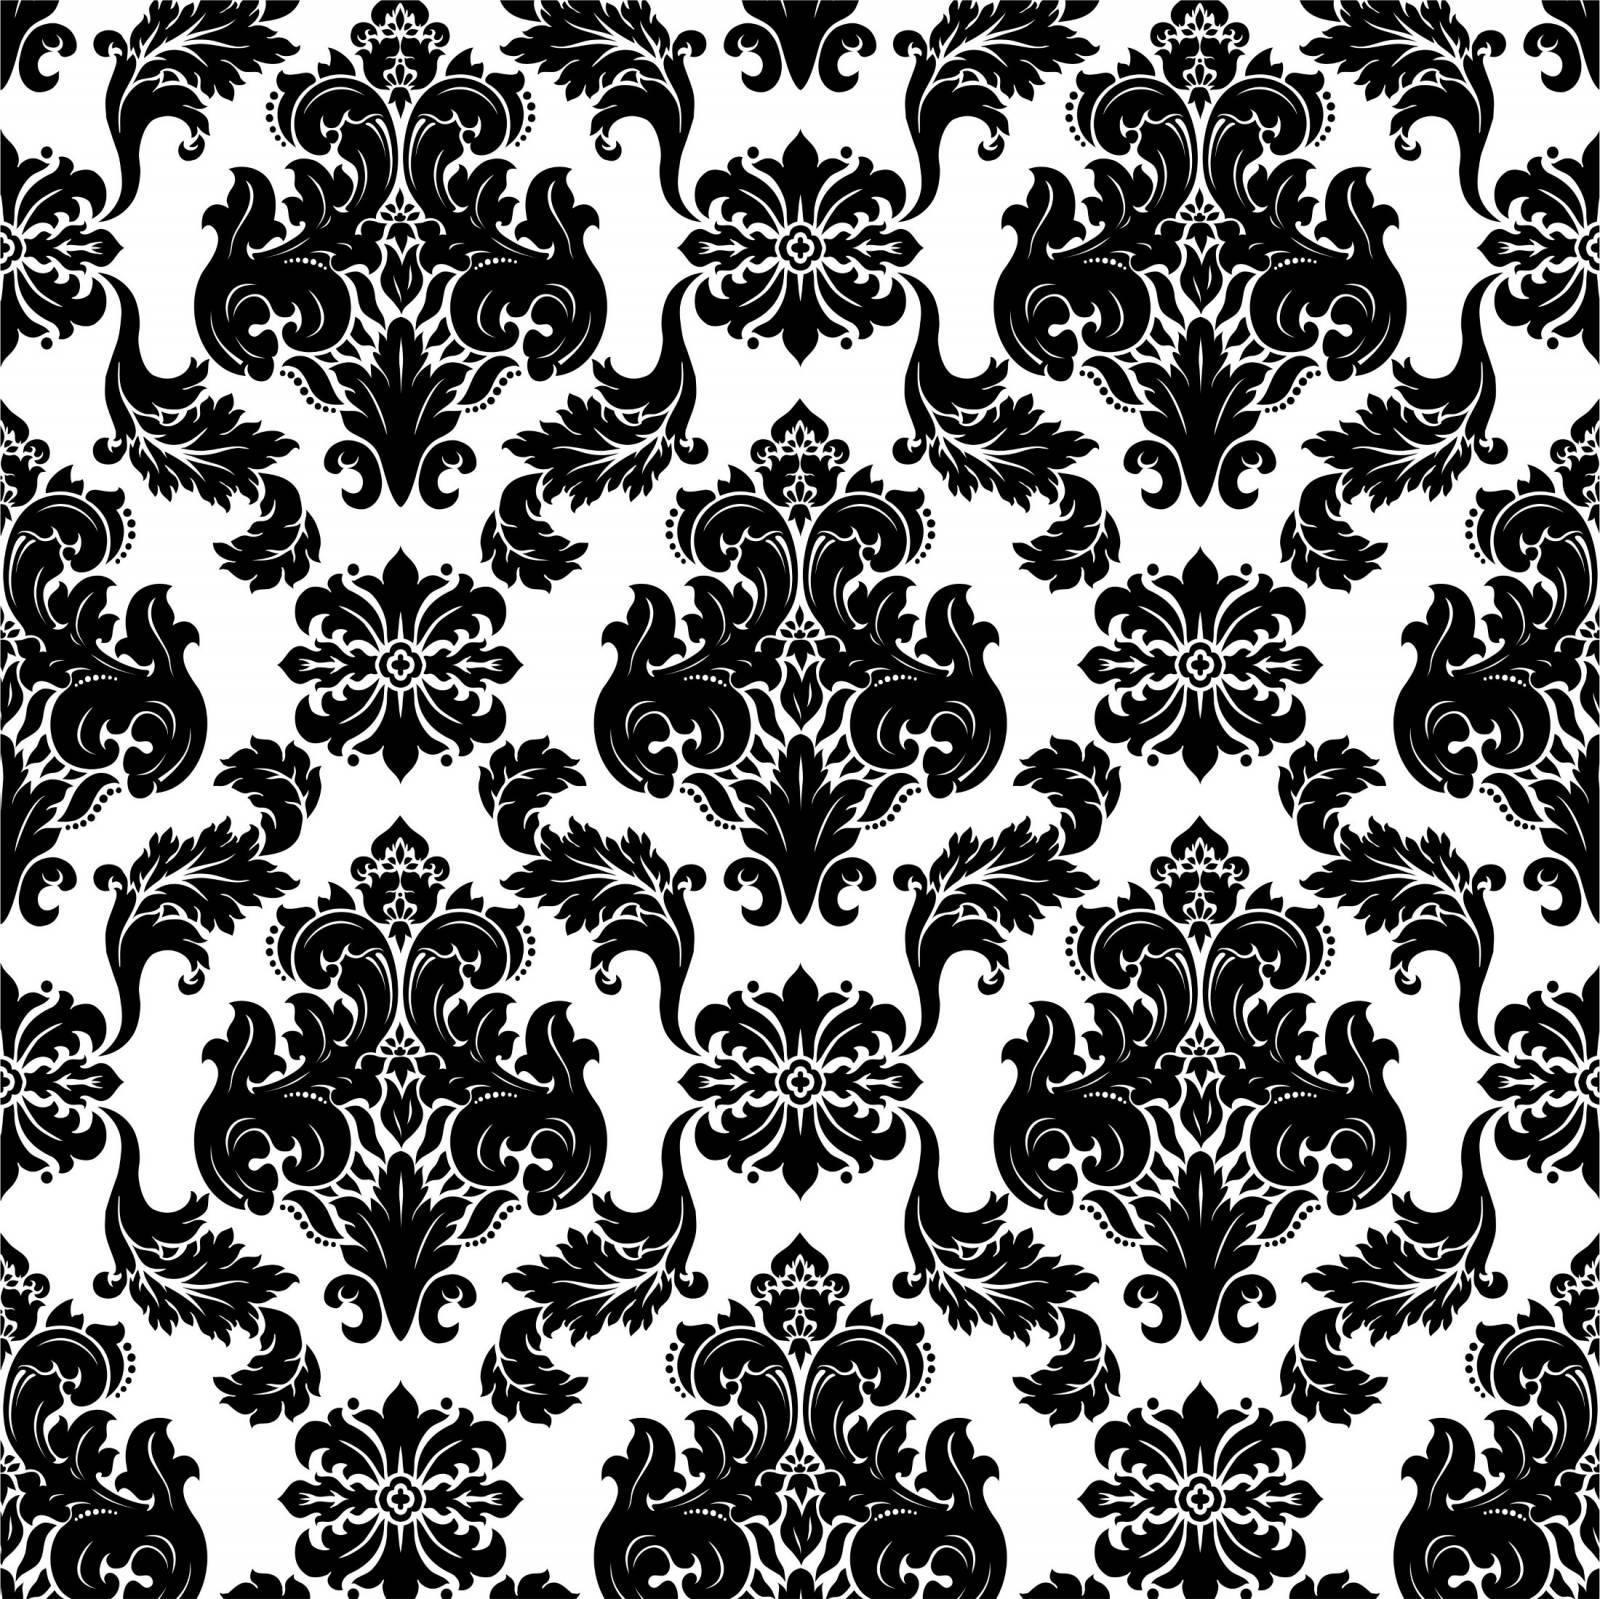 Papel de Parede Arabesco Preto e Branco | Adesivo Vinilico imagem 1